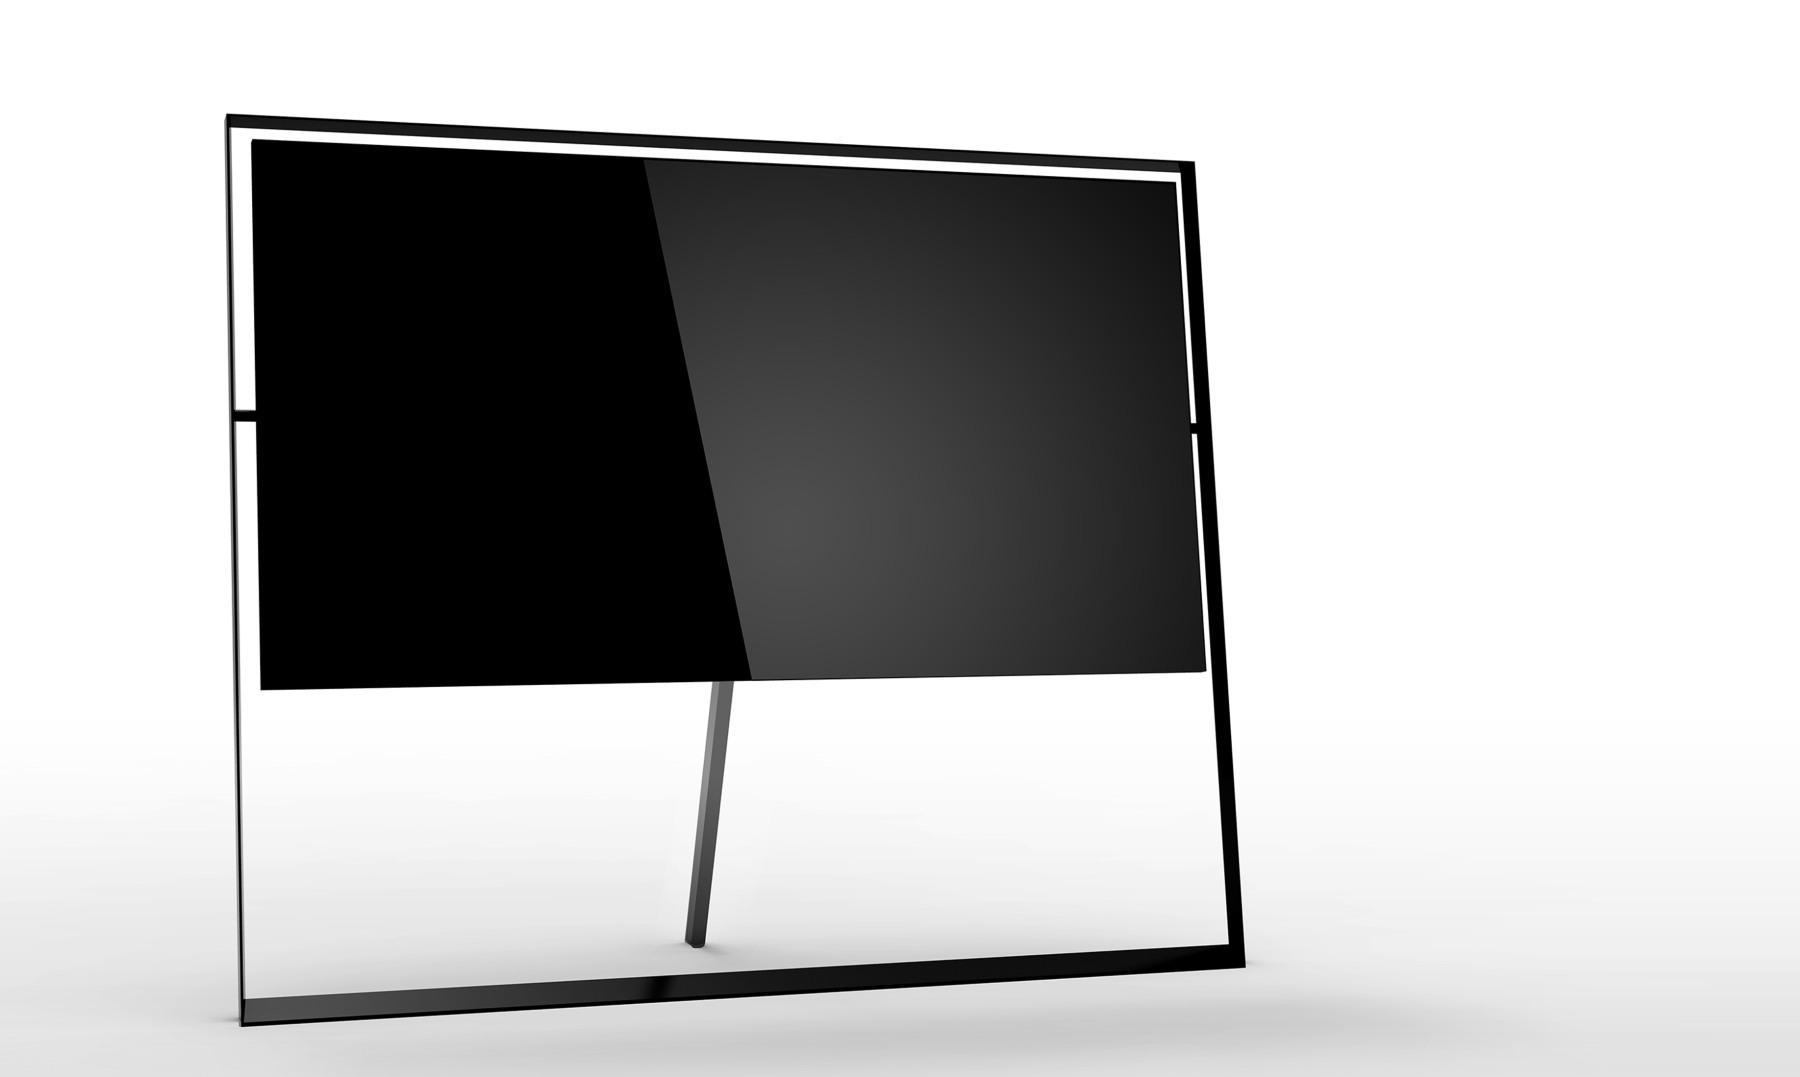 La imponente TV 8K de Samsung usa IA para reescalar vídeos de baja resolución